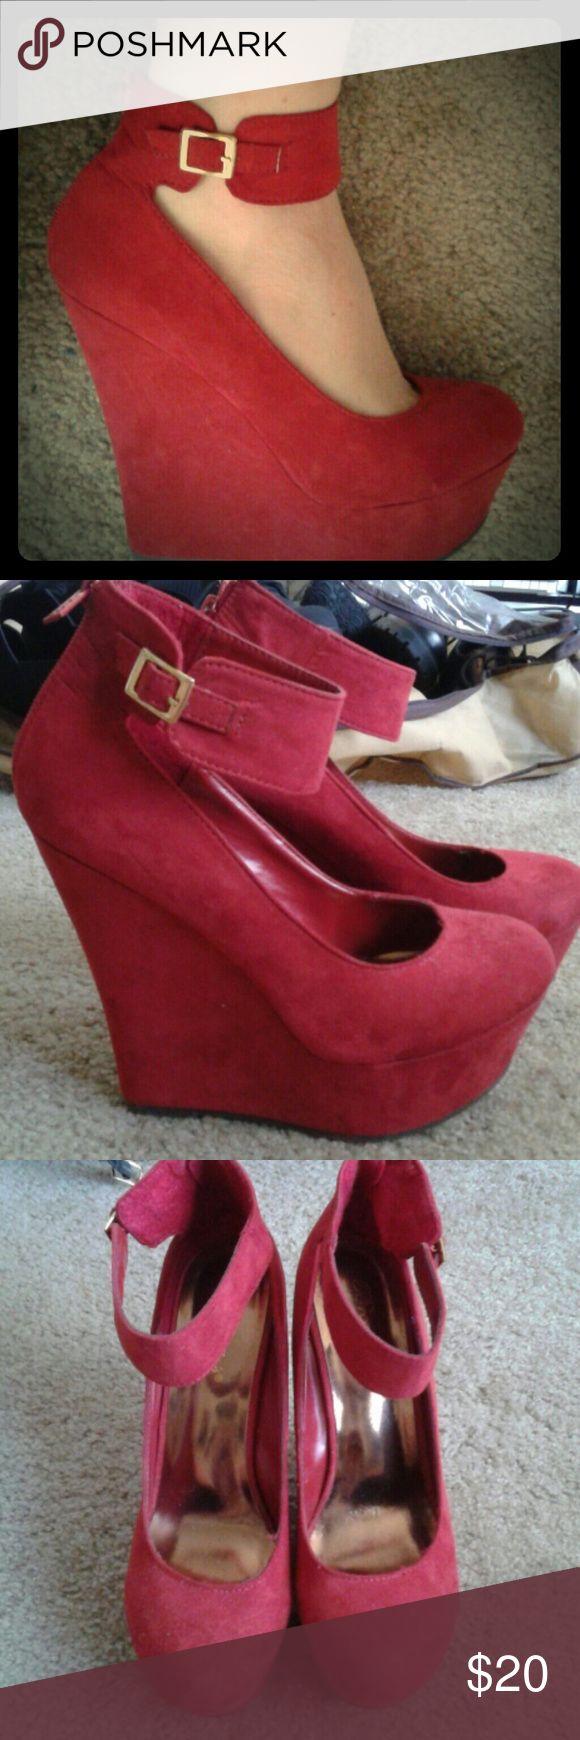 Red Platform Wedge Pumps Ankle strap 6 inch platform pumps. Worn once. Zipper back. Breckelles Shoes Platforms